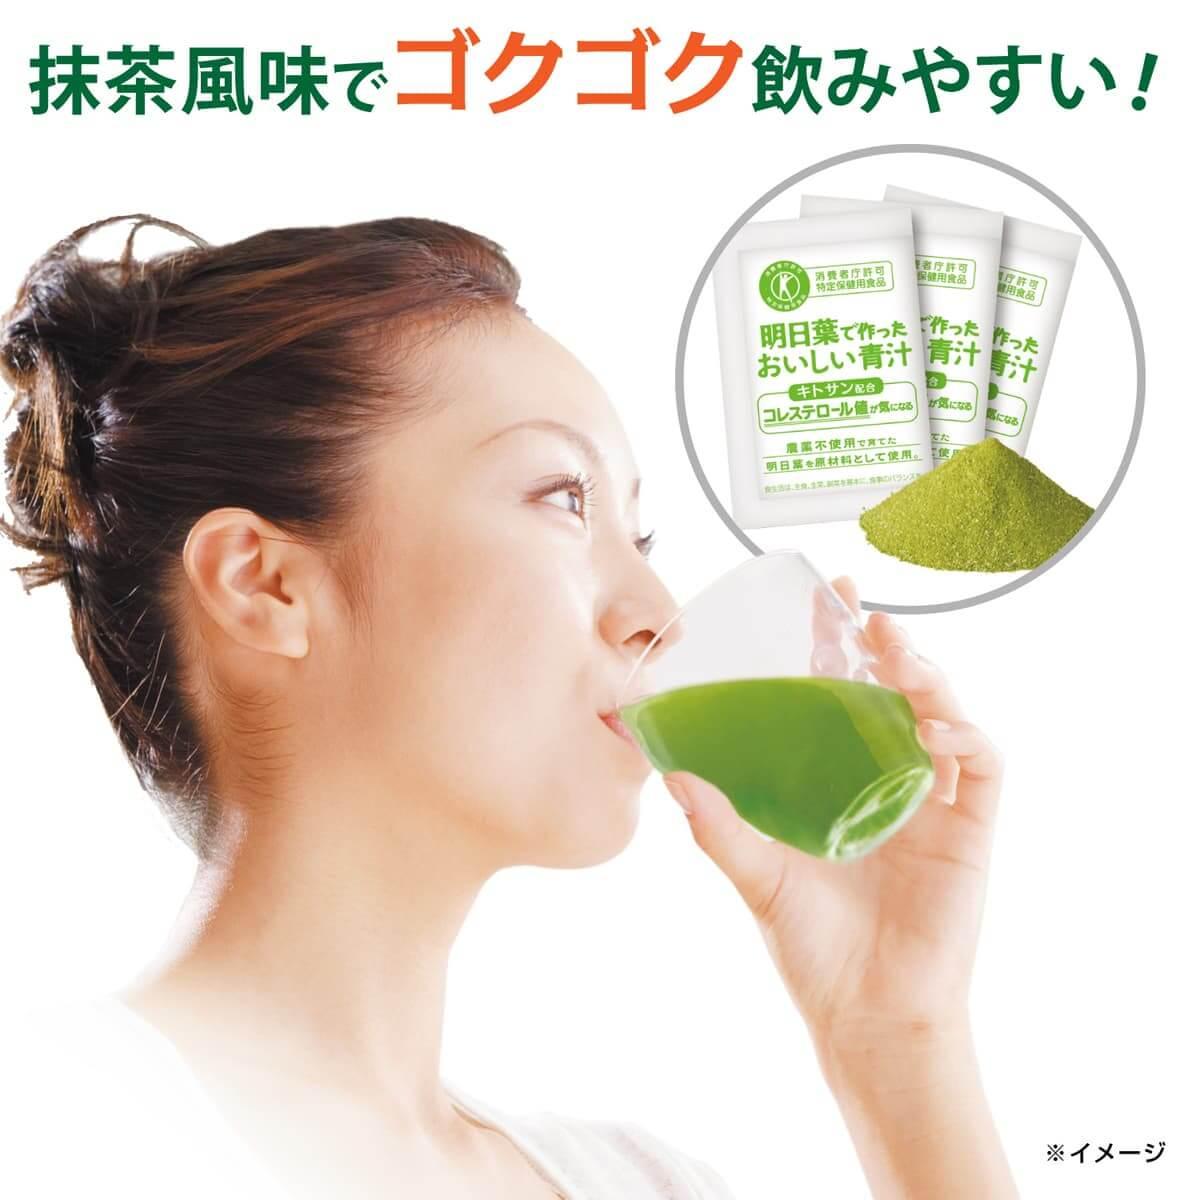 明日葉で作ったおいしい青汁【9箱セット】(約3ヵ月分)